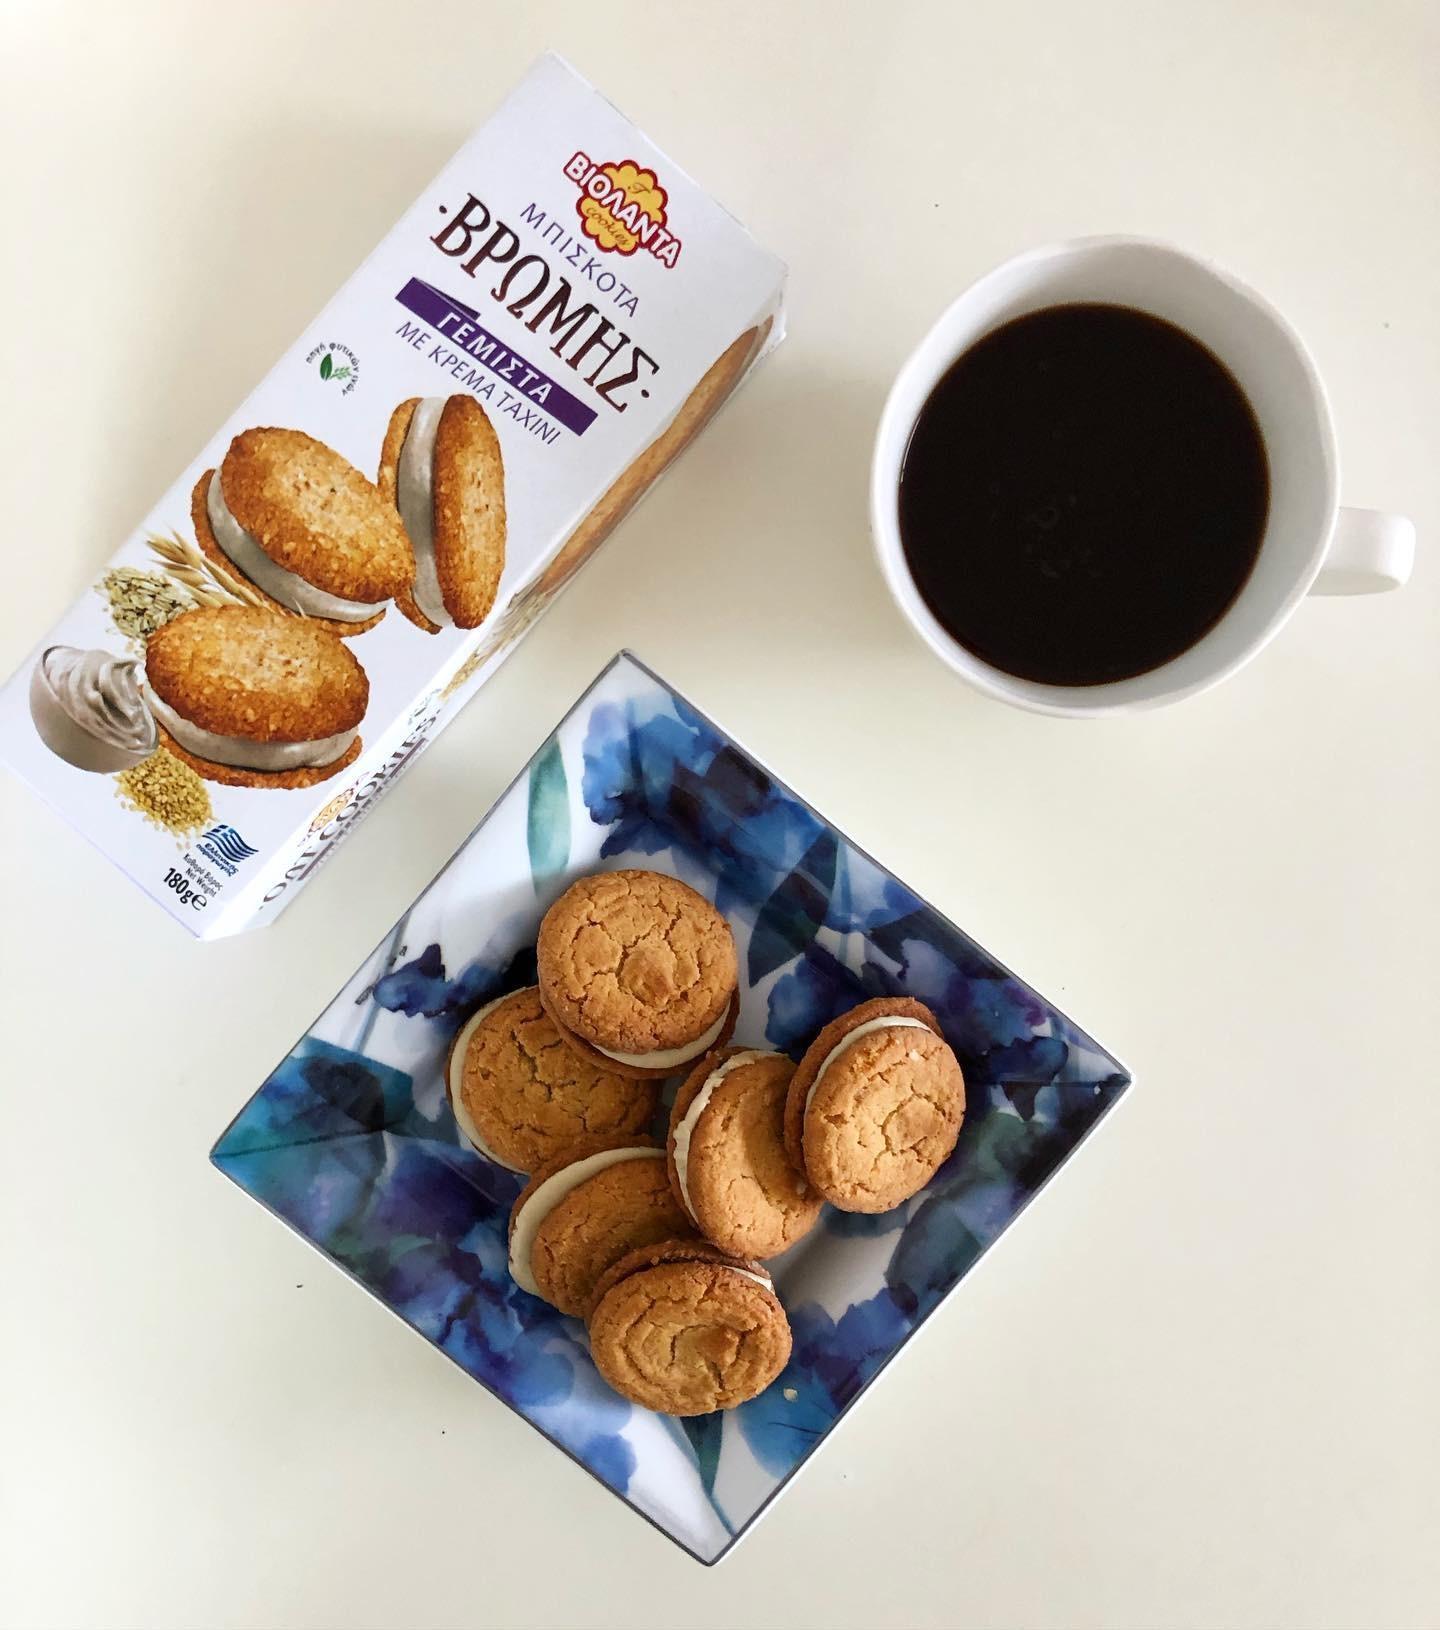 希腊进口甘齿记燕麦夹心饼干花生酱PeanutButter早餐下午茶点Oat